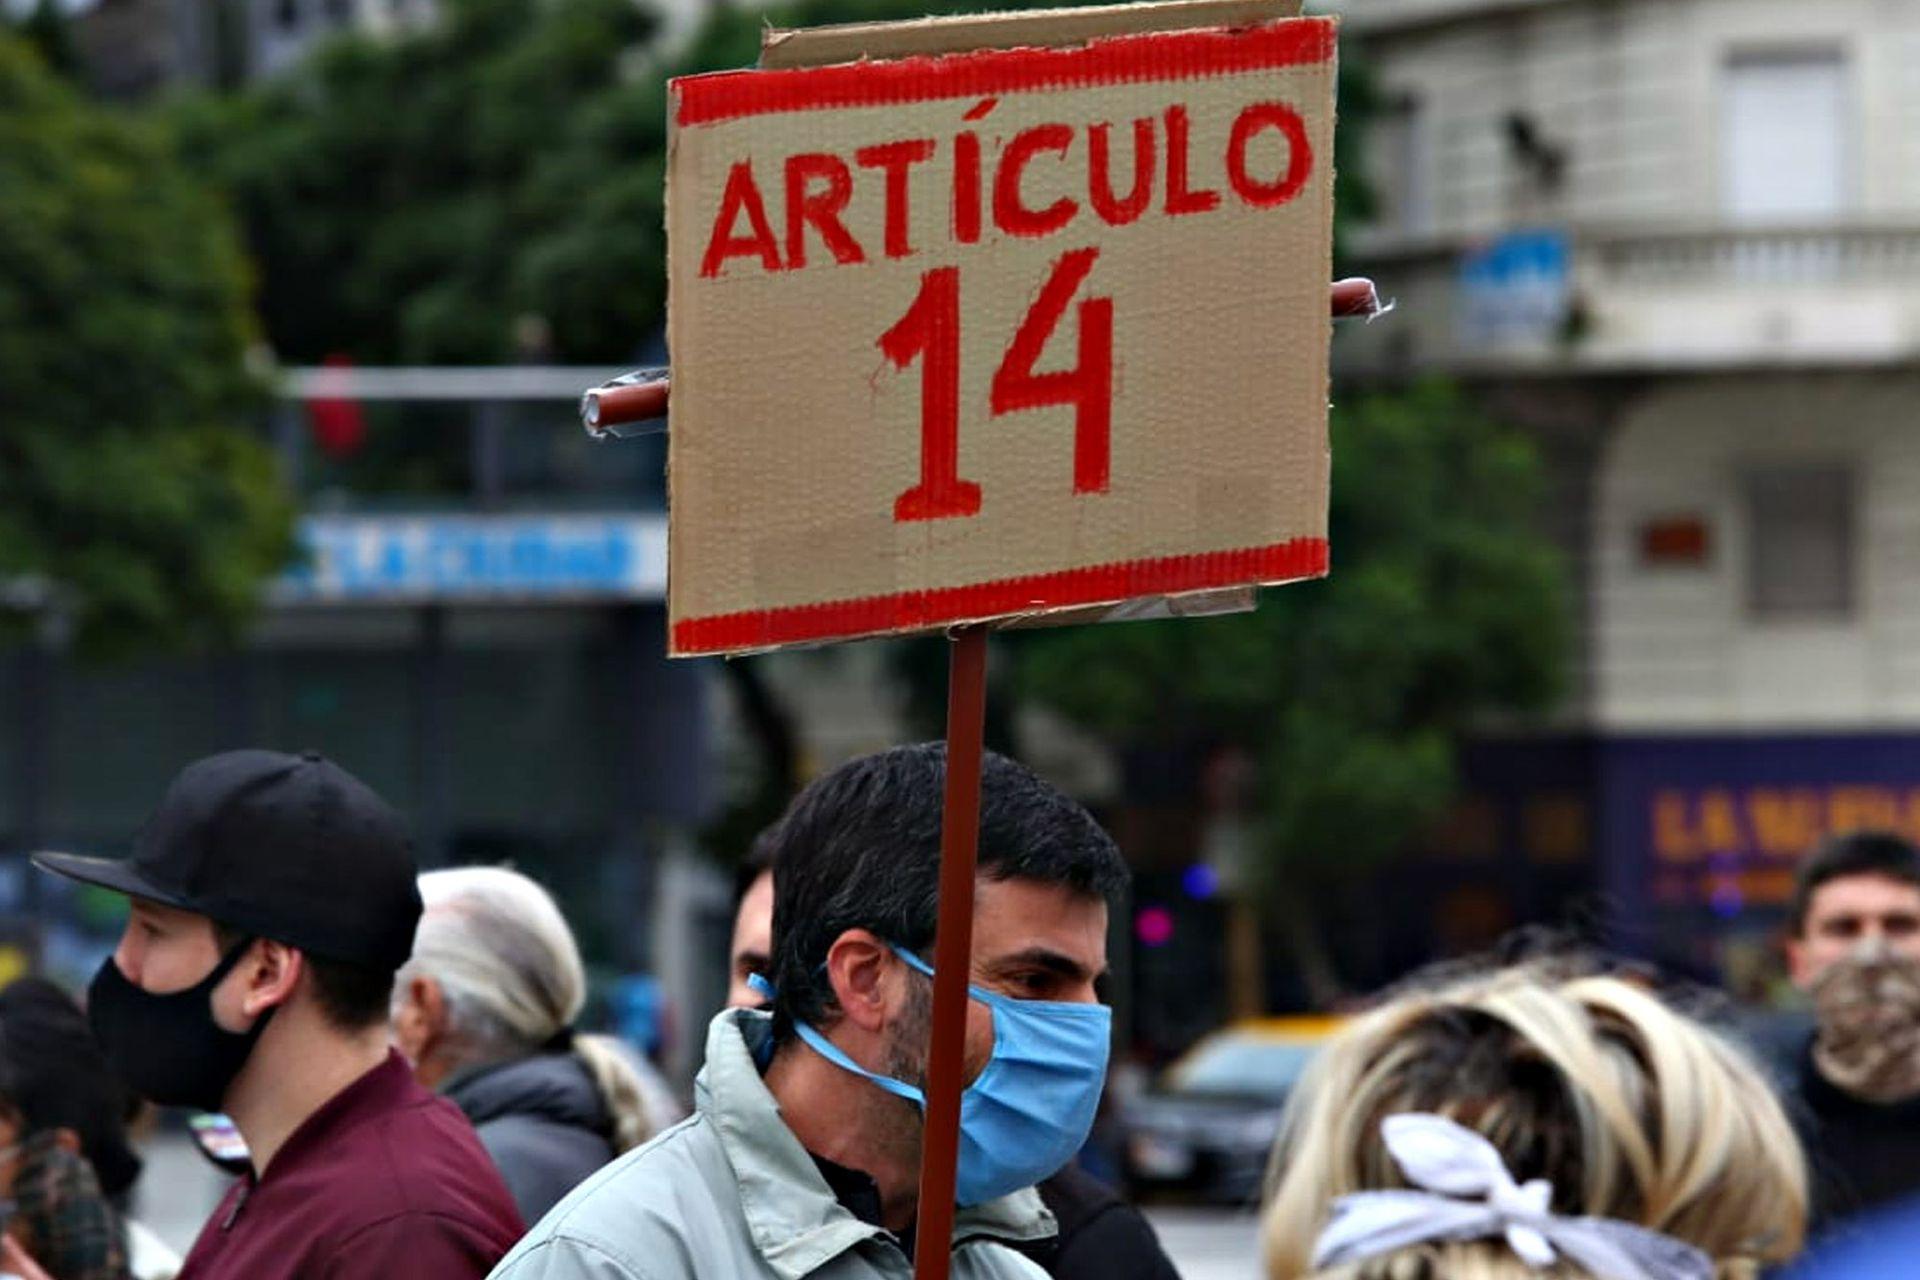 Otro de los carteles en la marcha hacía alusión al artículo 14 de la Constitución Nacional que habla sobre los derechos individuales